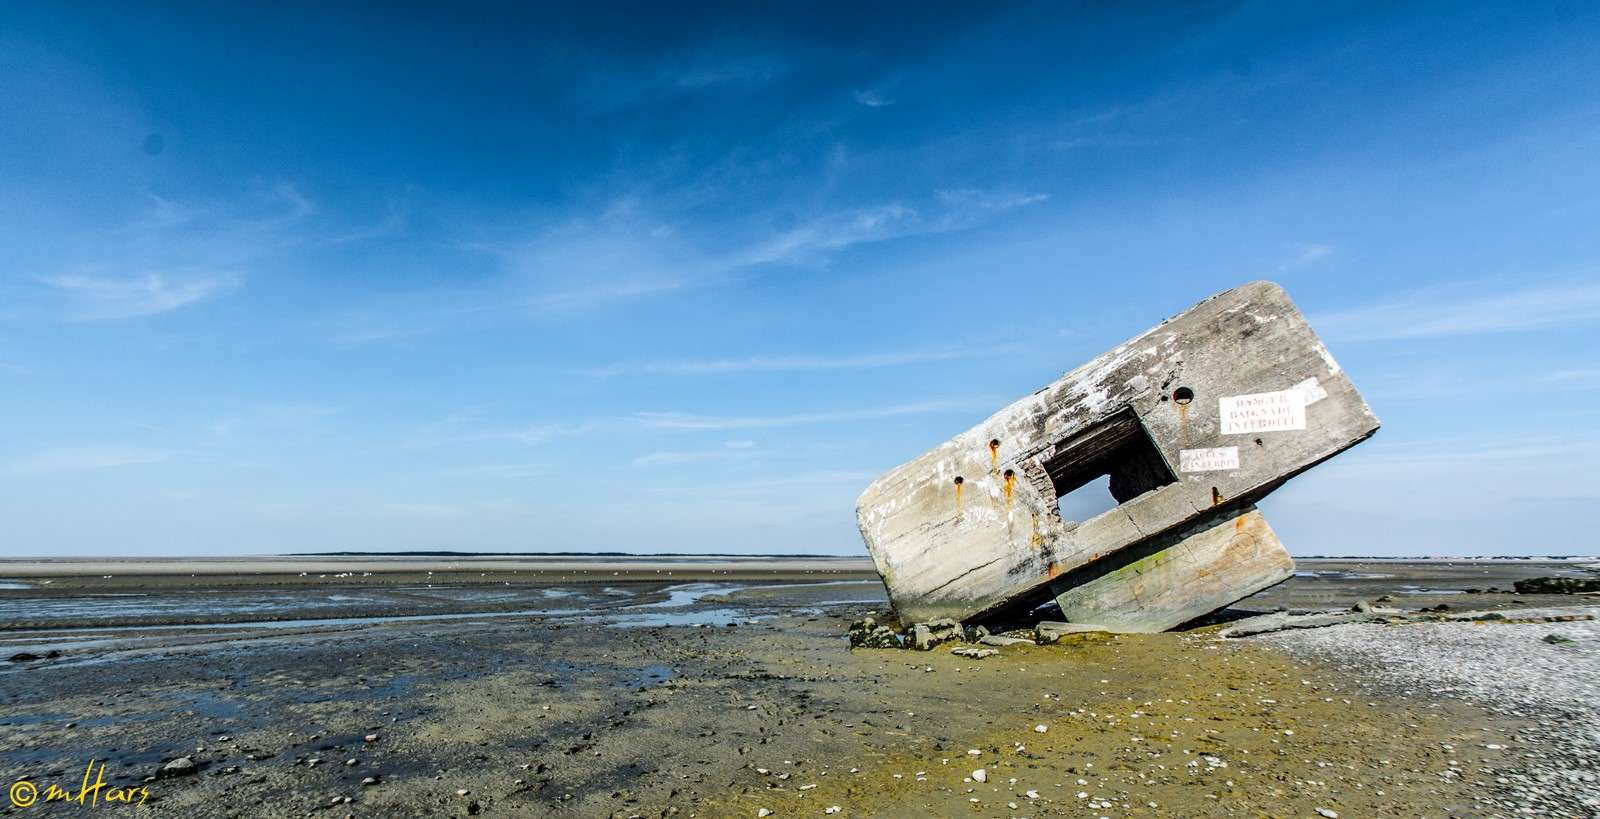 Vestige en baie de Somme Bds-1210